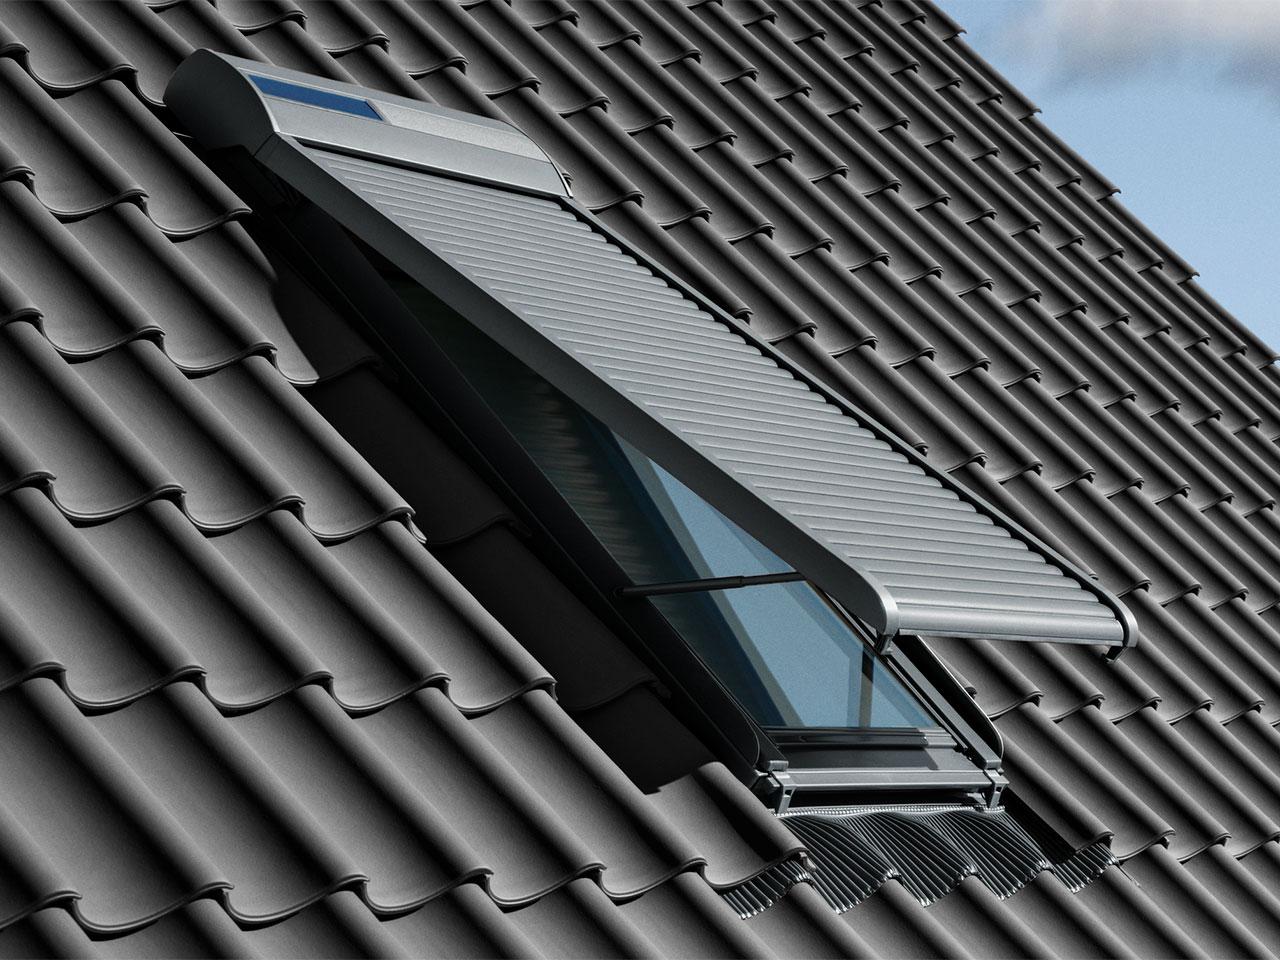 Beliebt Dachfenster Rollläden für Außen | VELUX CK47